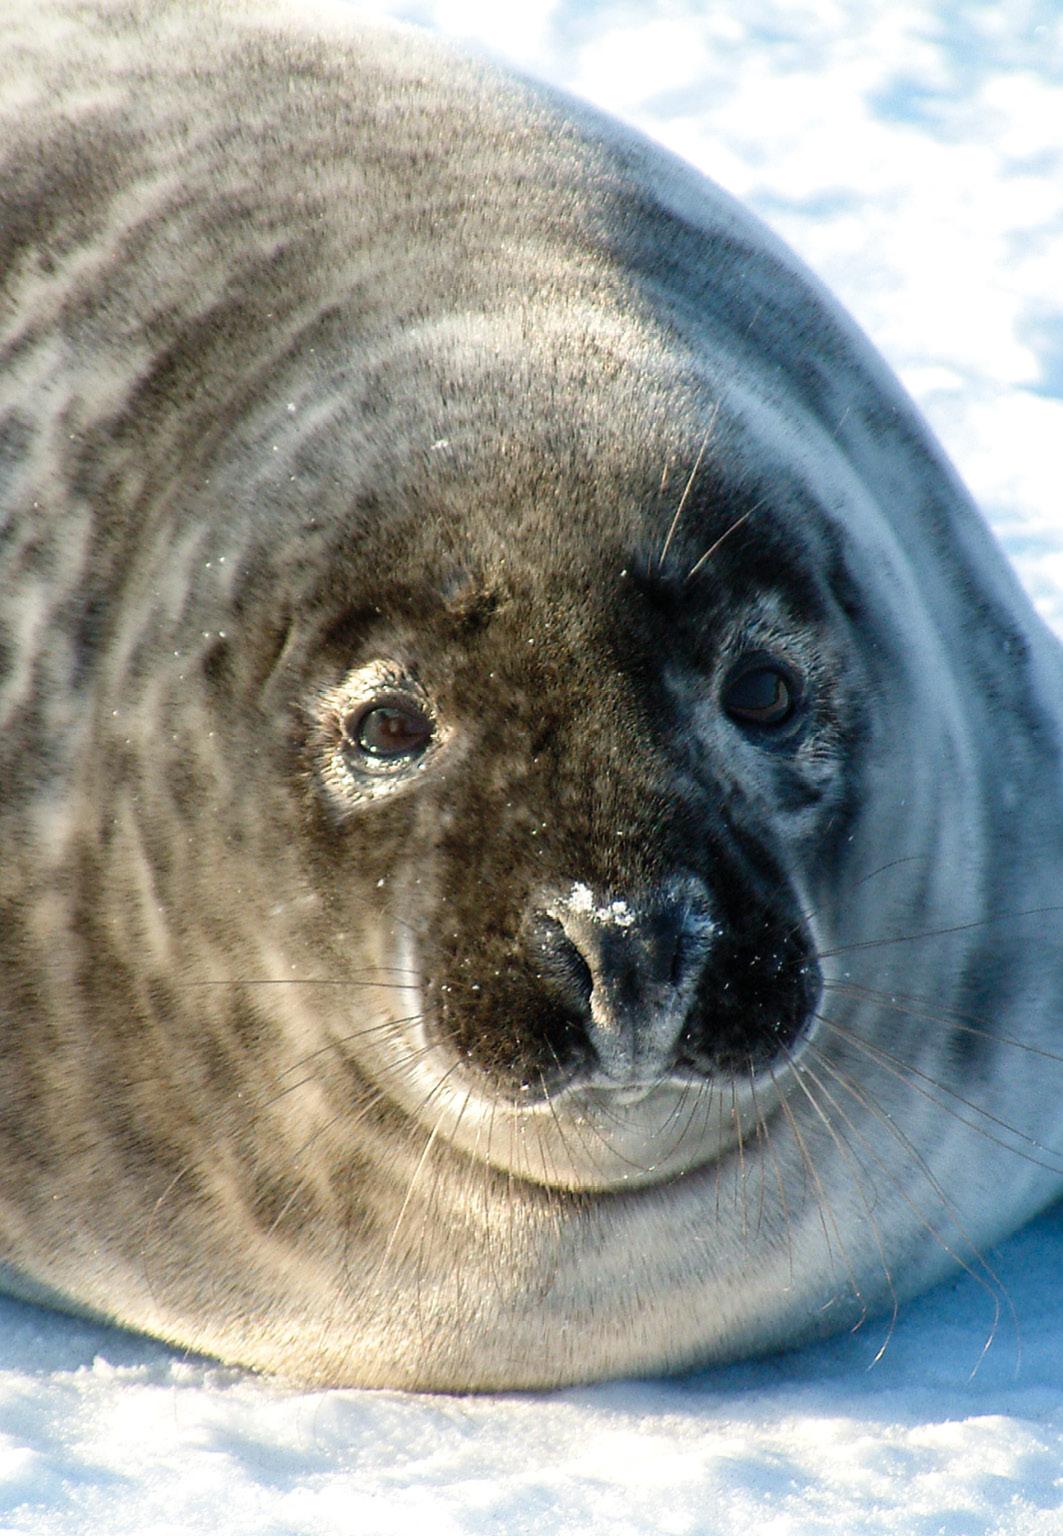 Robbe in der Wintersonne aus 1 Meter Entfernung fotografiert